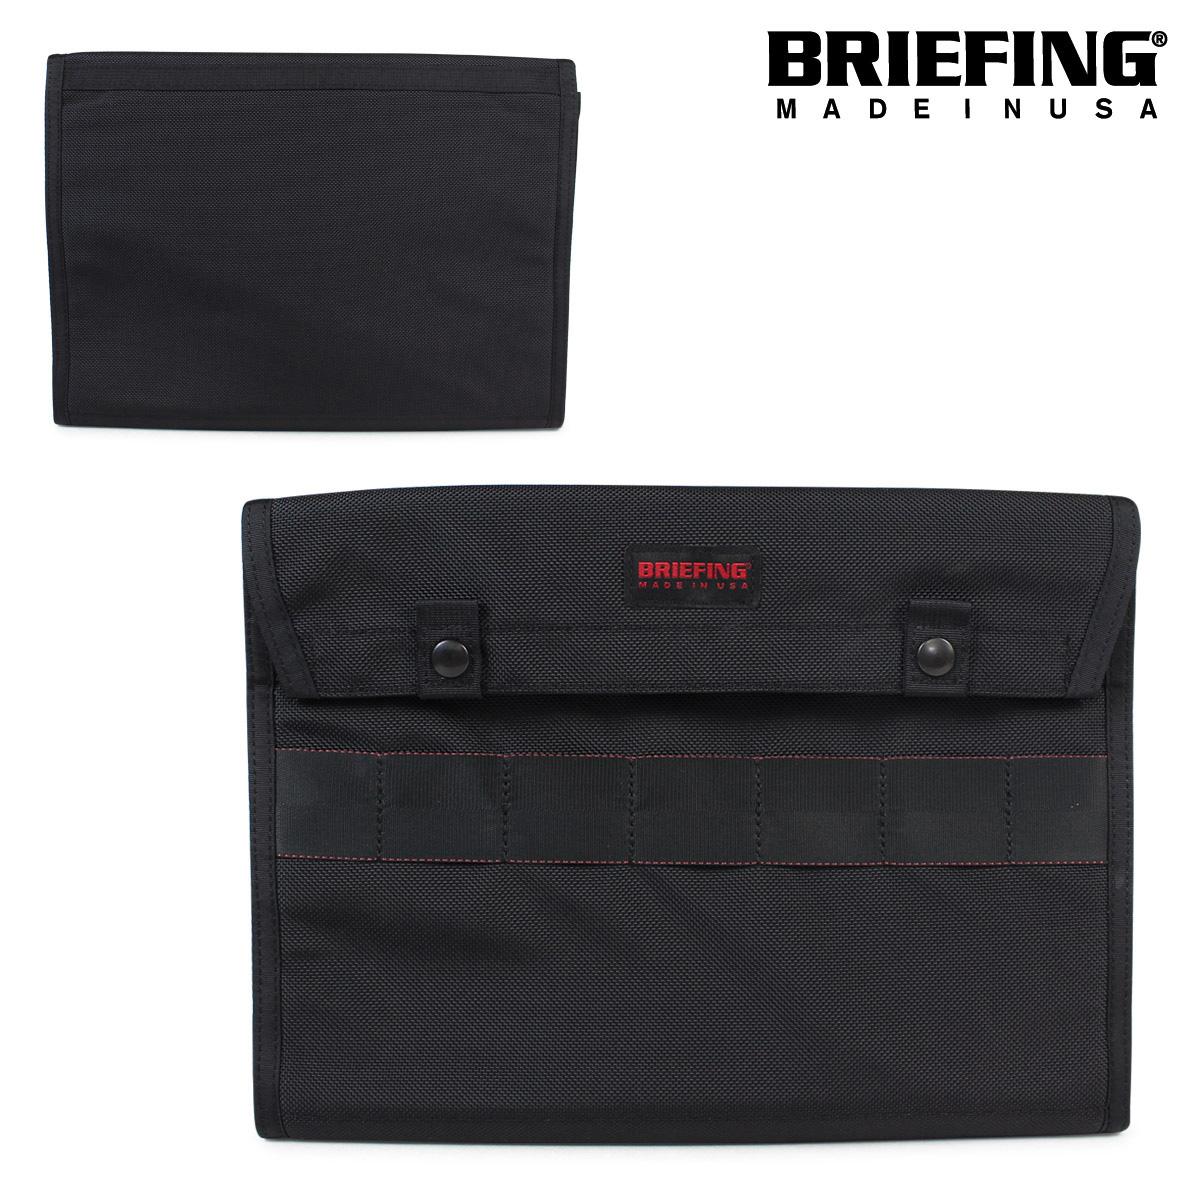 BRIEFING ブリーフィング バッグ クラッチバッグ DOCUMENT CASE BRF487219 メンズ ブラック